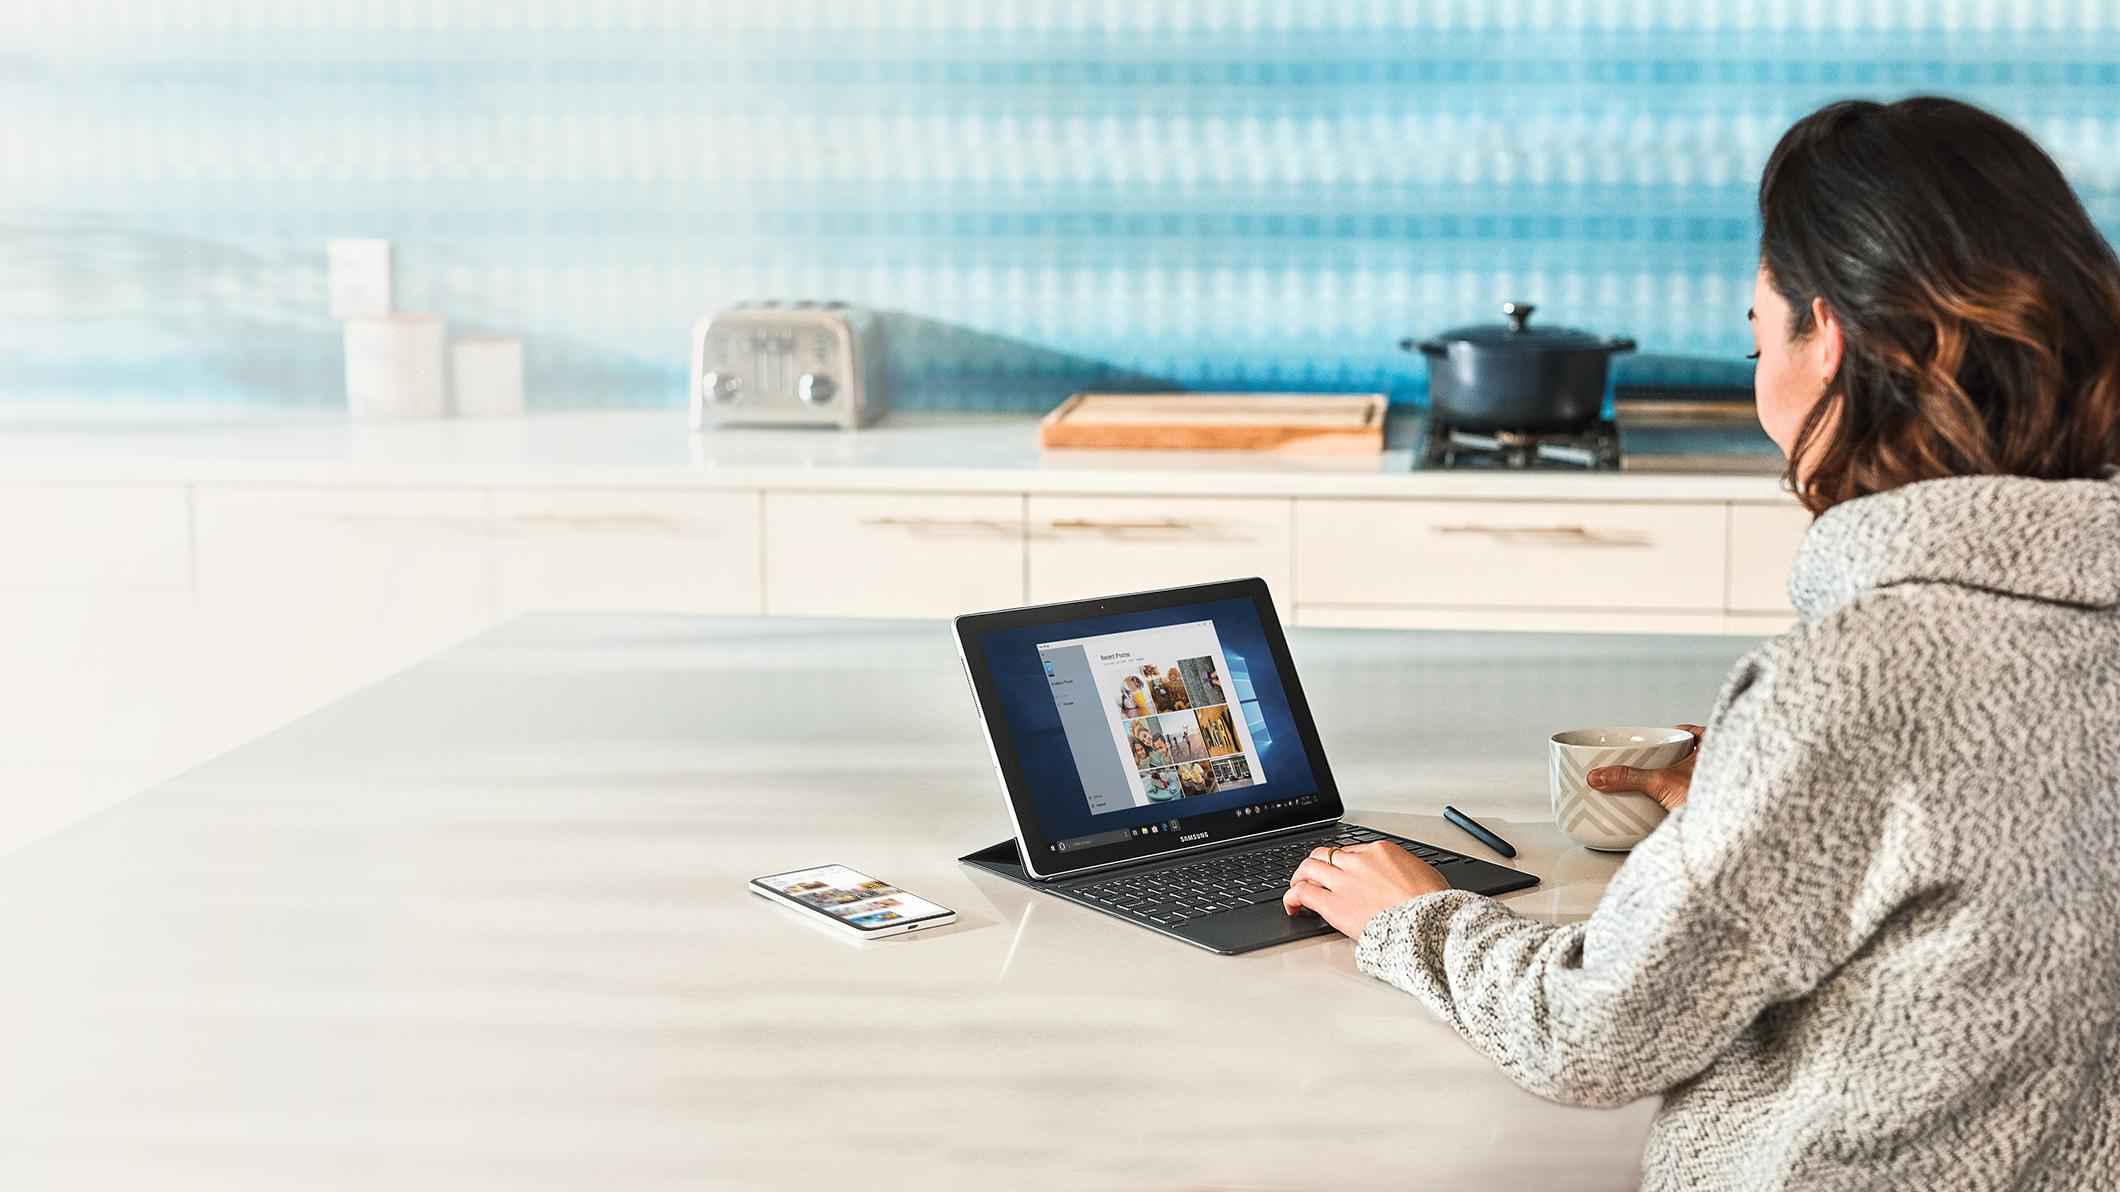 Femme en interaction avec son ordinateur et son téléphone, buvant une tasse de café.